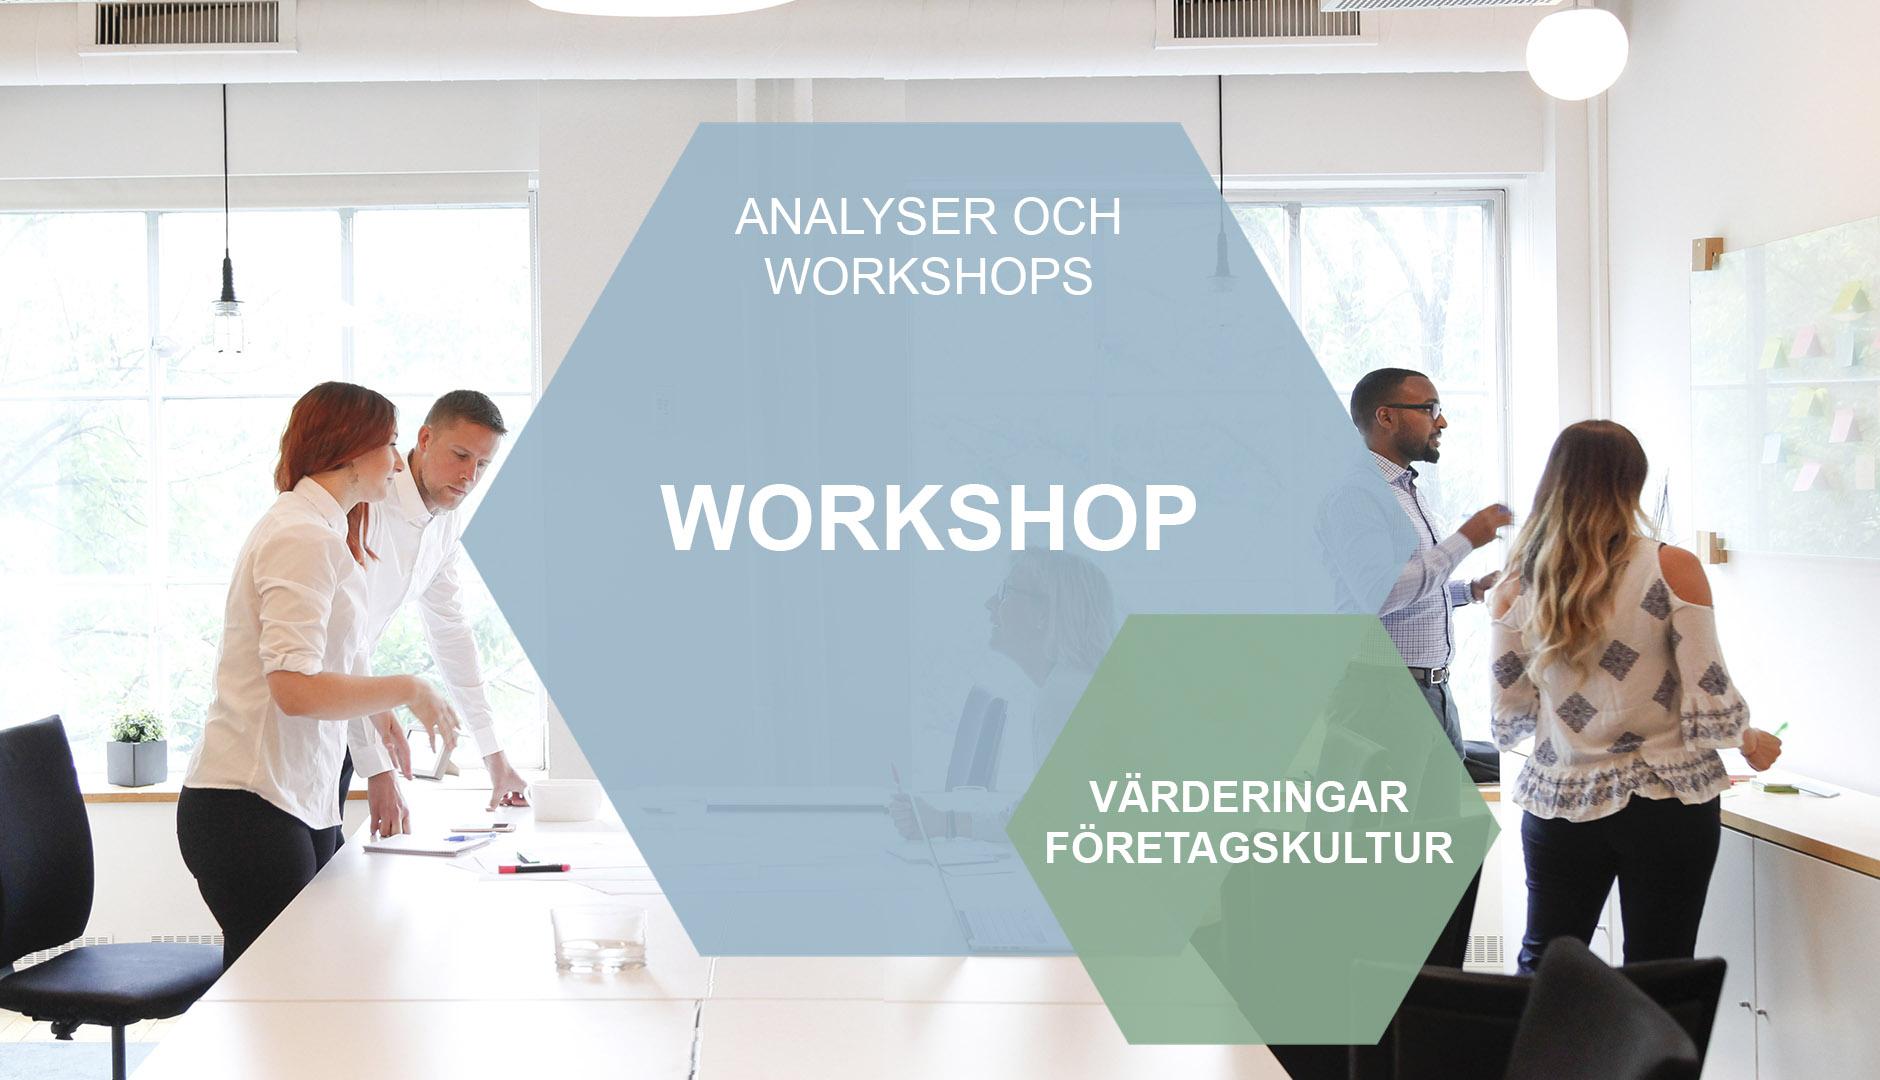 Värderingar och företagskultur workshop i hexagon mot bakgrund av människor som workshoppar